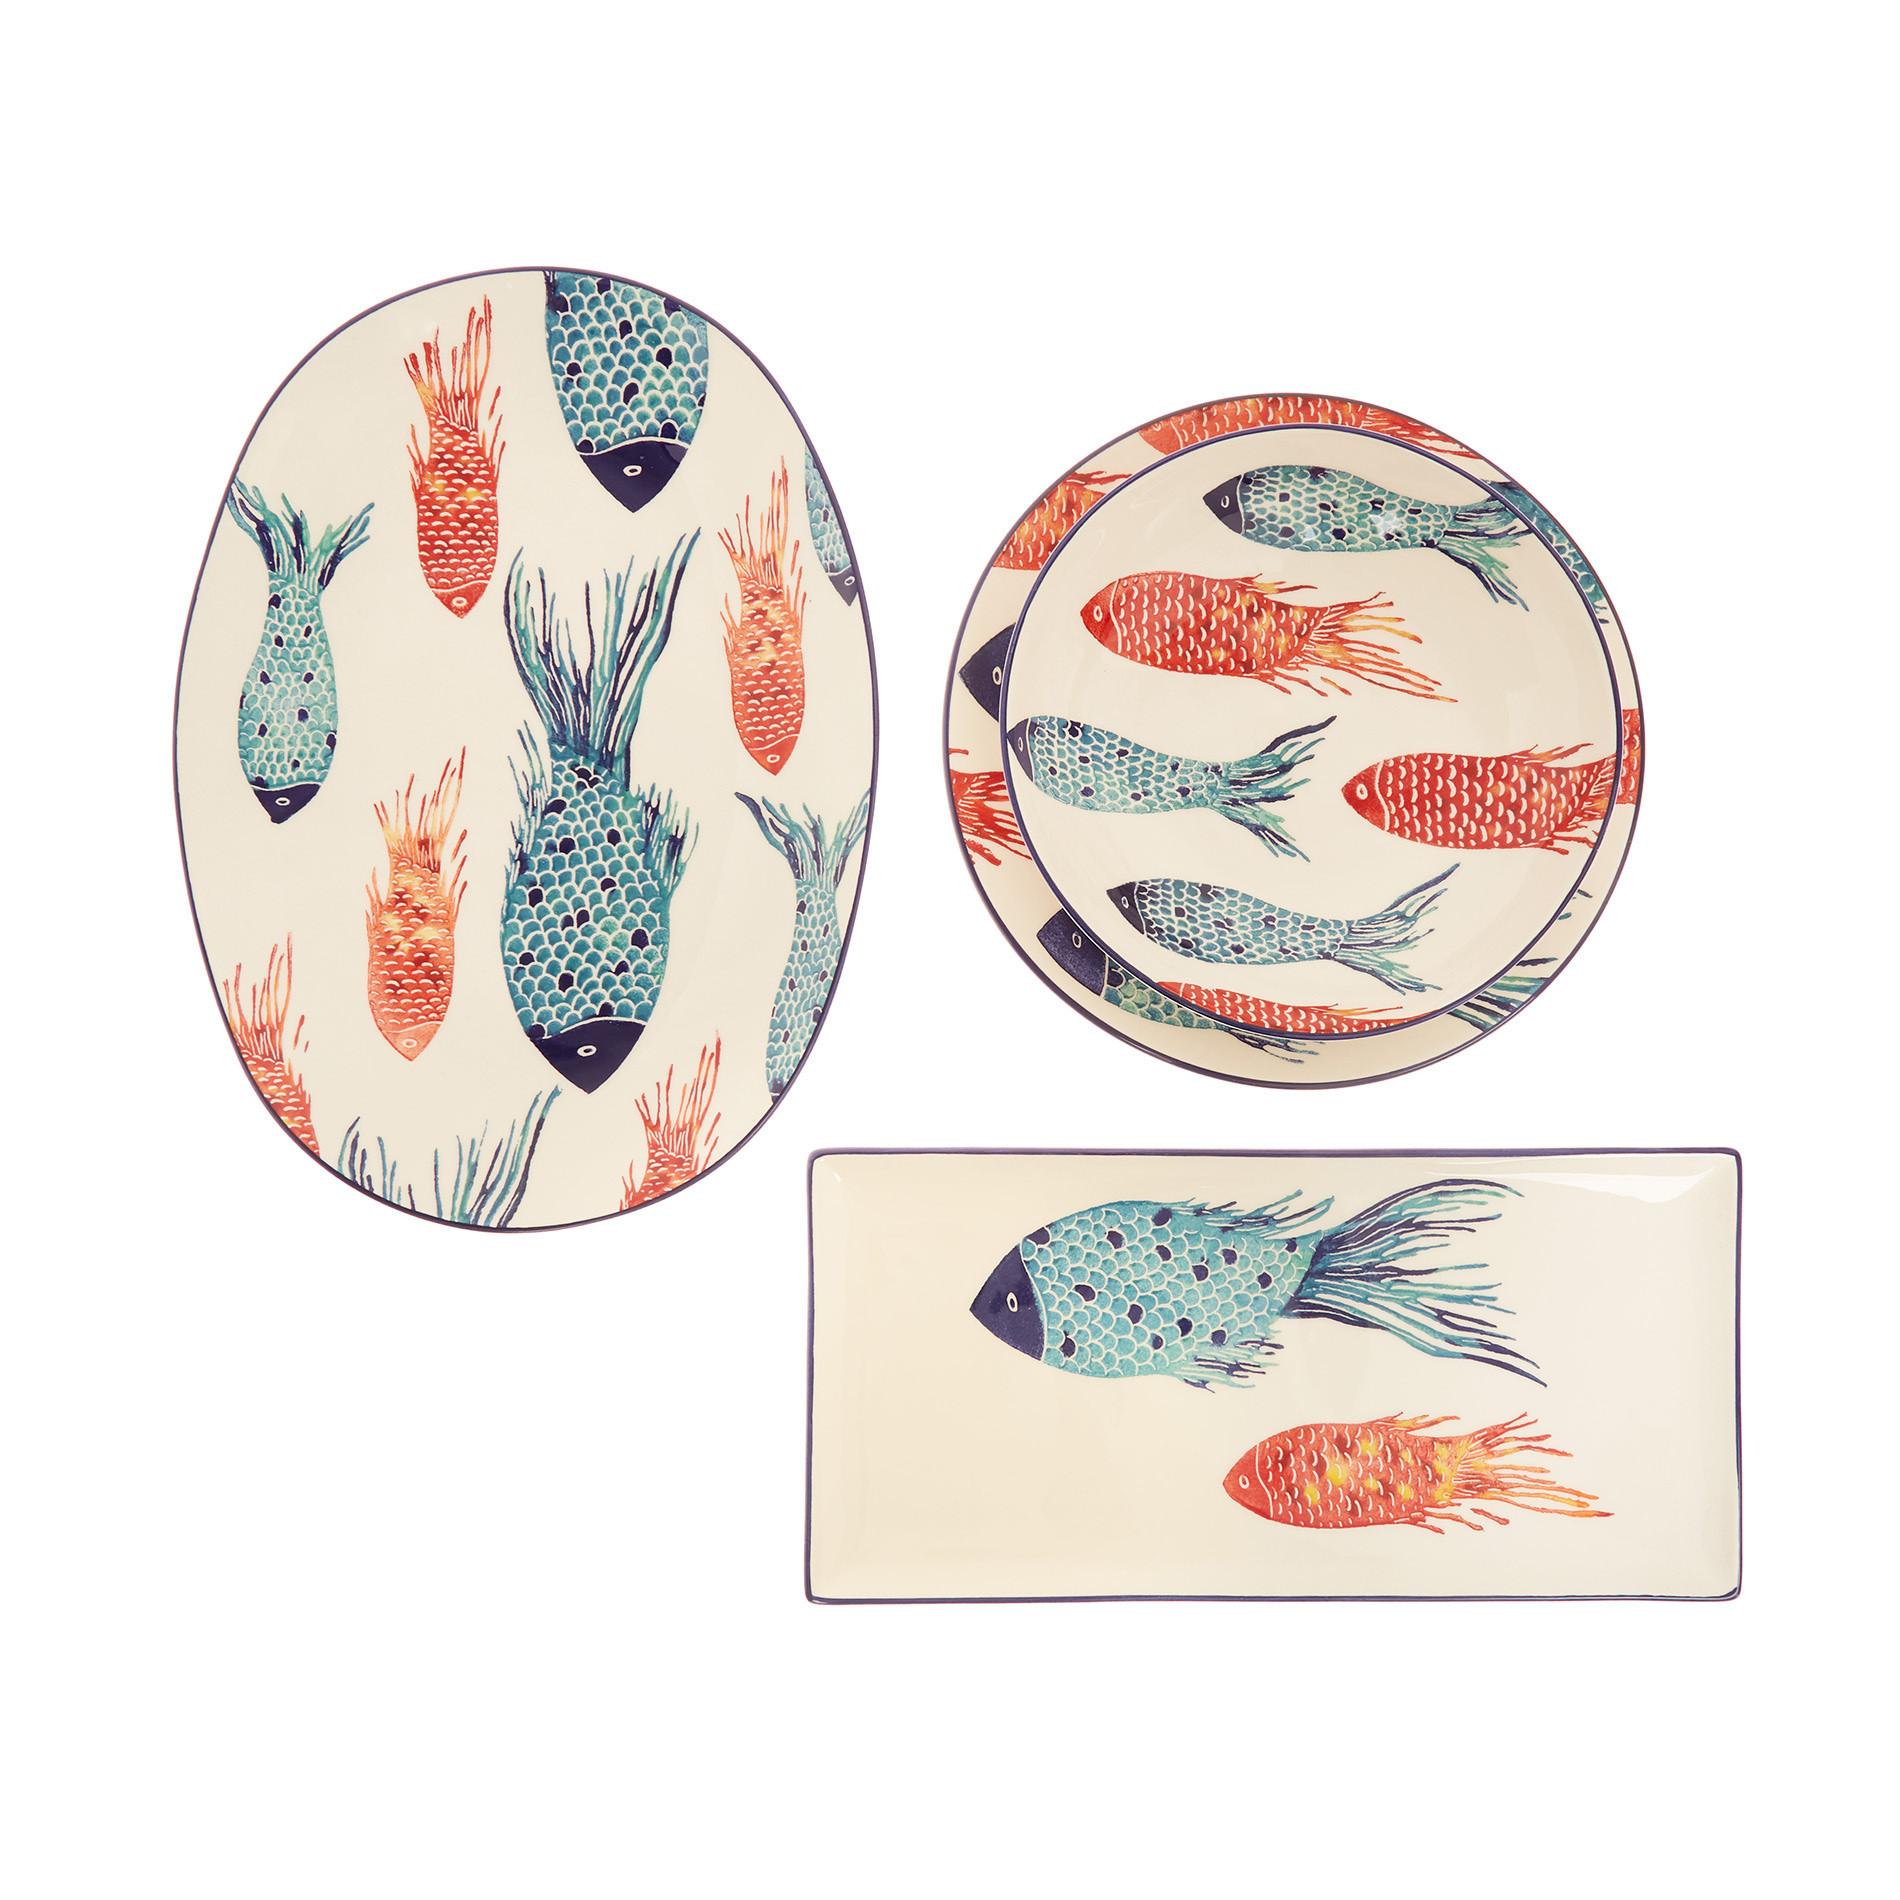 Piatto fondo ceramica decoro pesci, Bianco/Multicolor, large image number 2